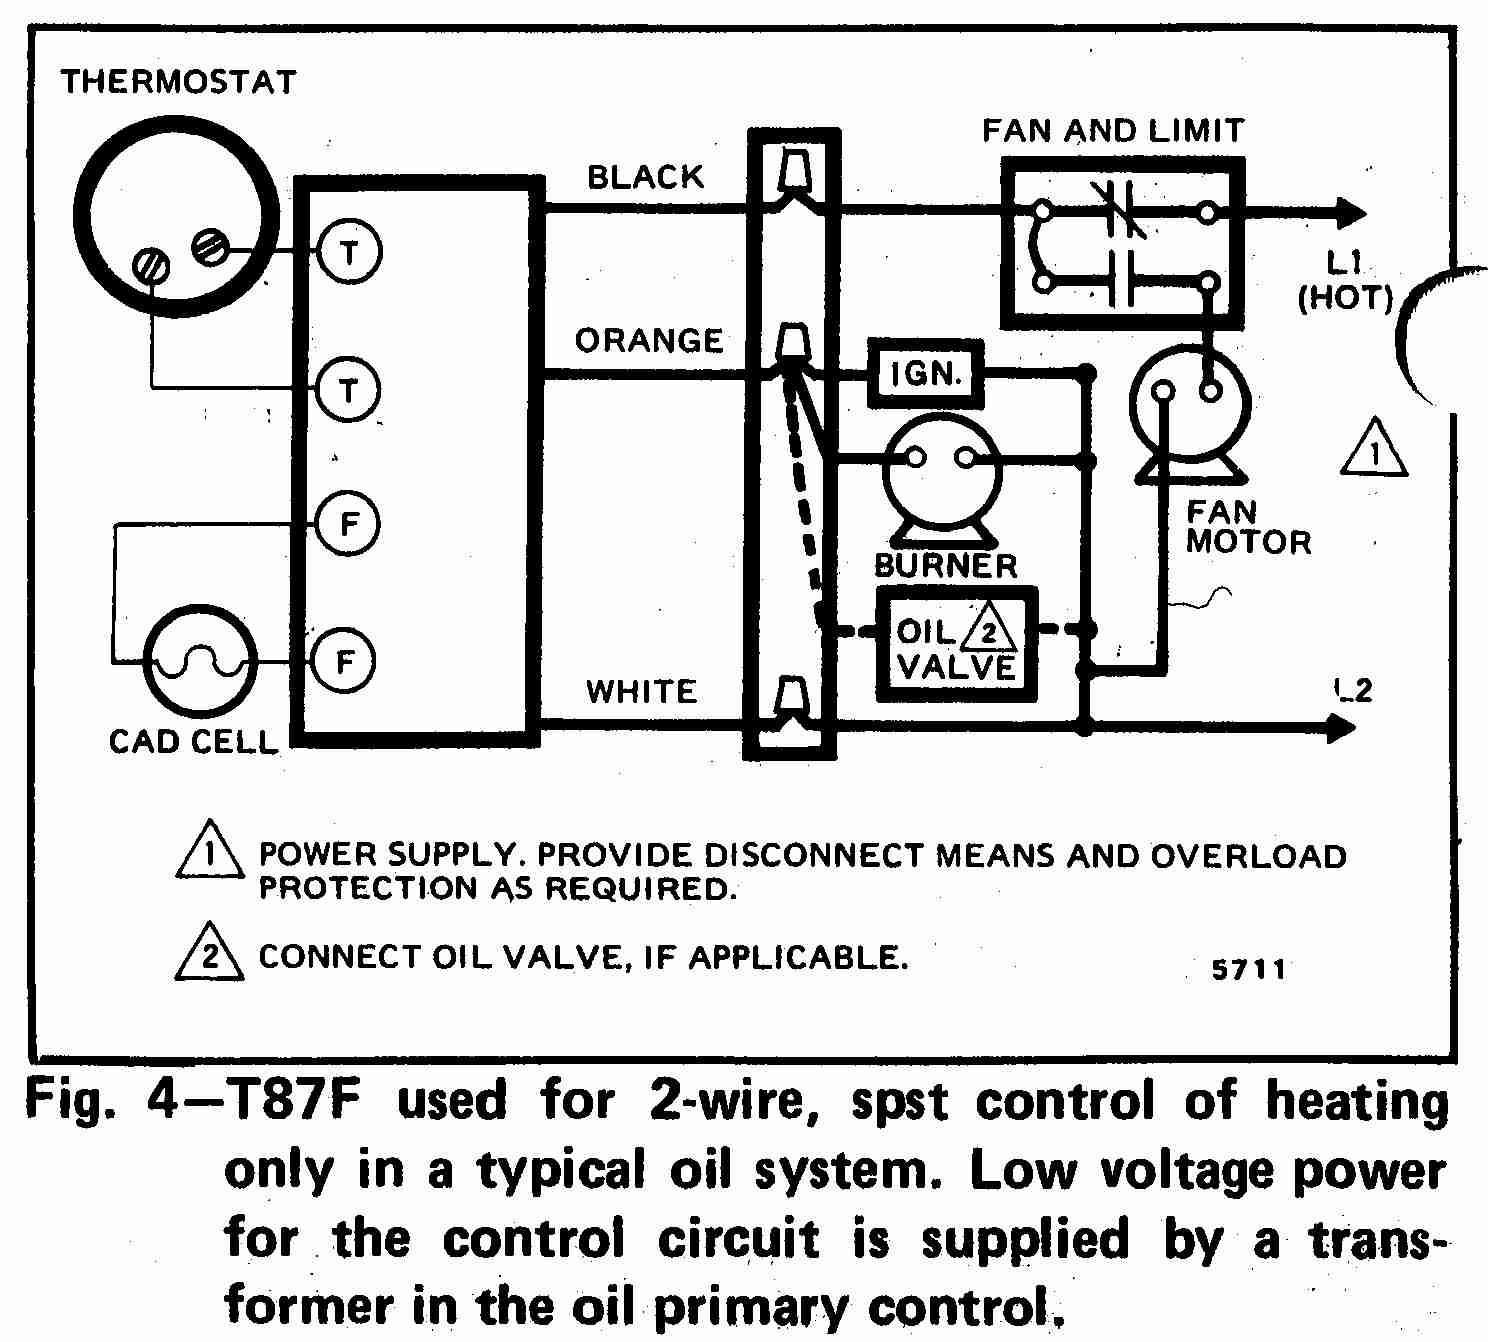 american standard heat pump wiring diagram